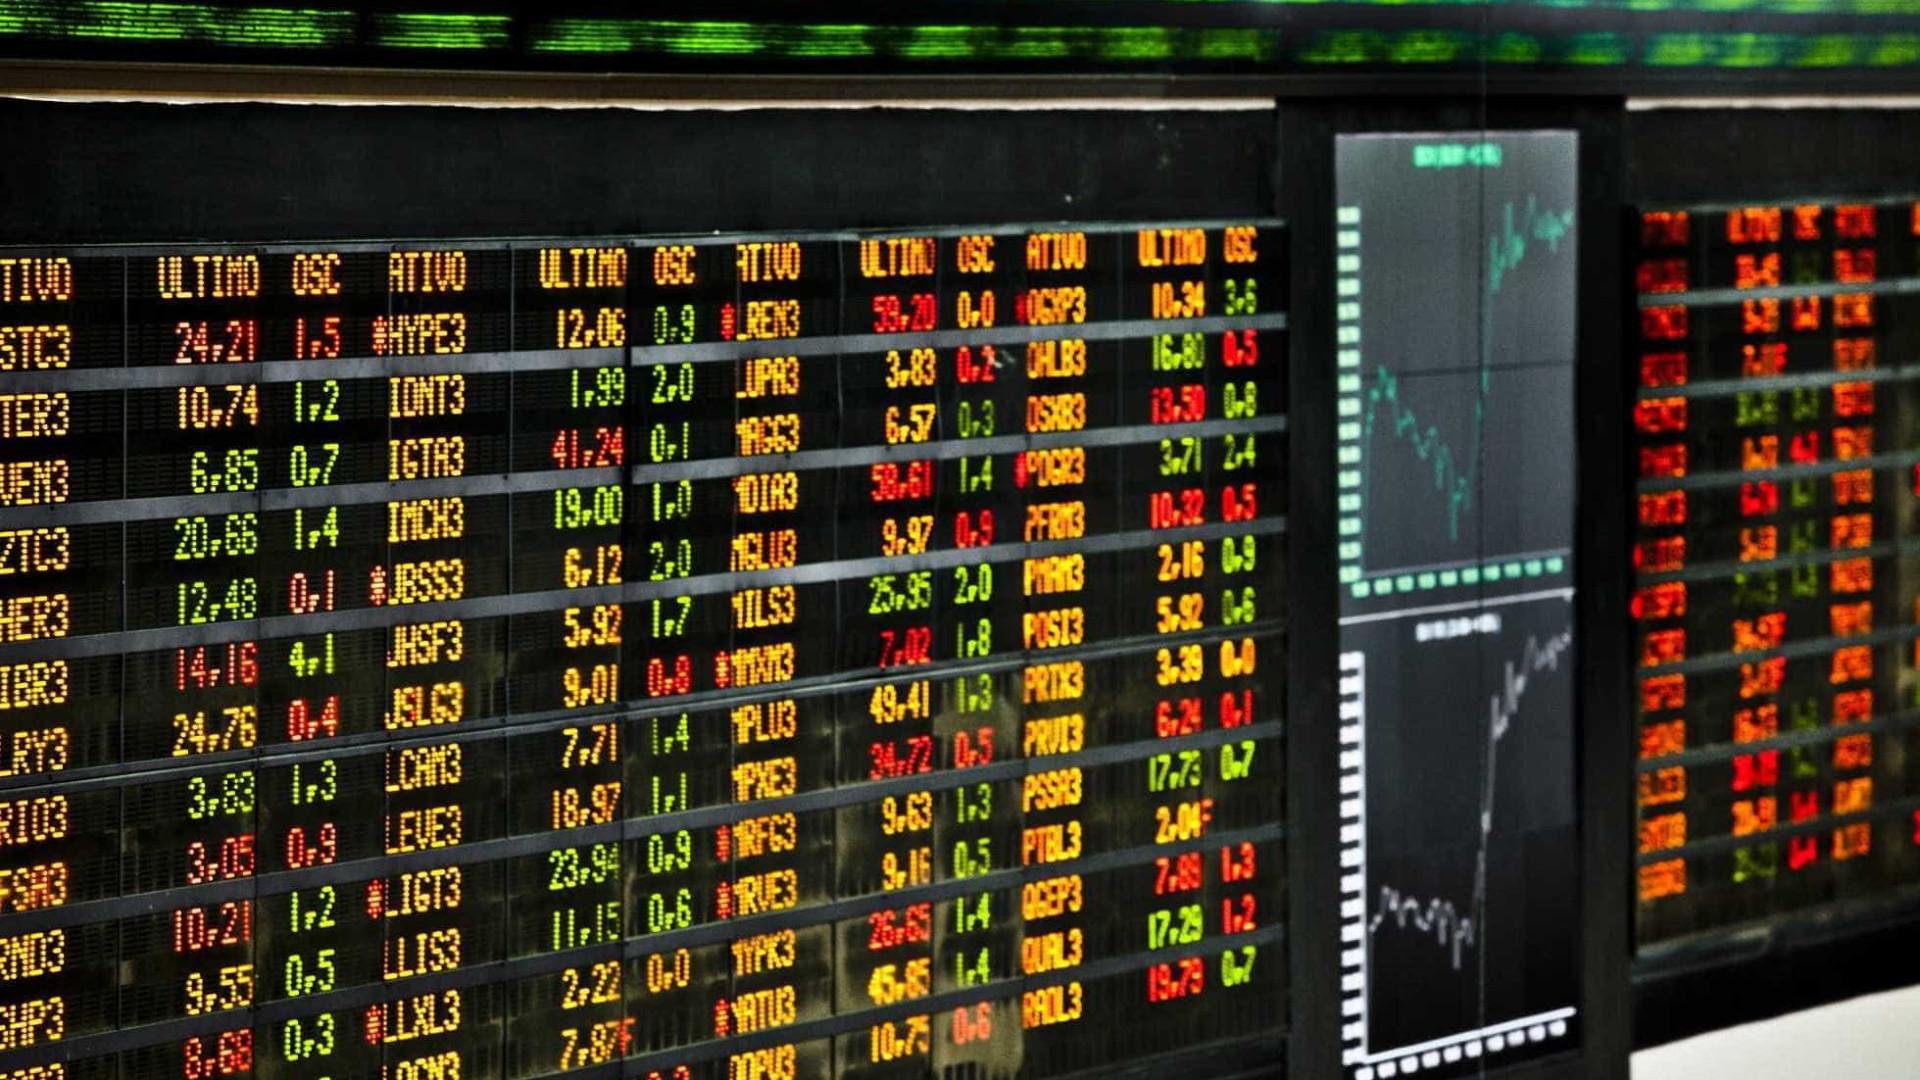 Após fortes quedas, bolsas globais iniciam semana em alta